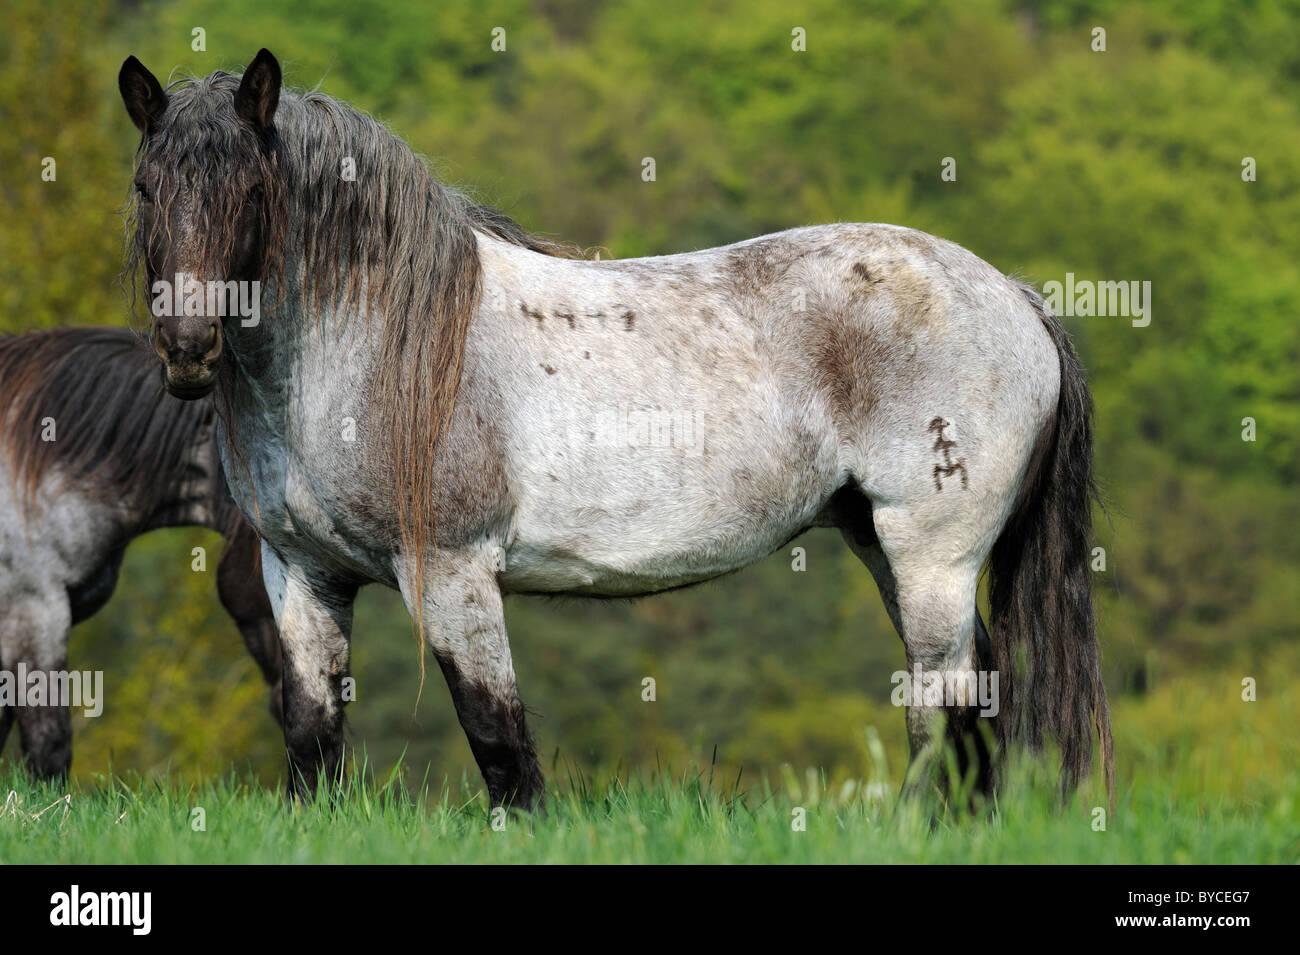 Noriker Horse (Equus ferus caballus), stallion standing on a pasture. - Stock Image